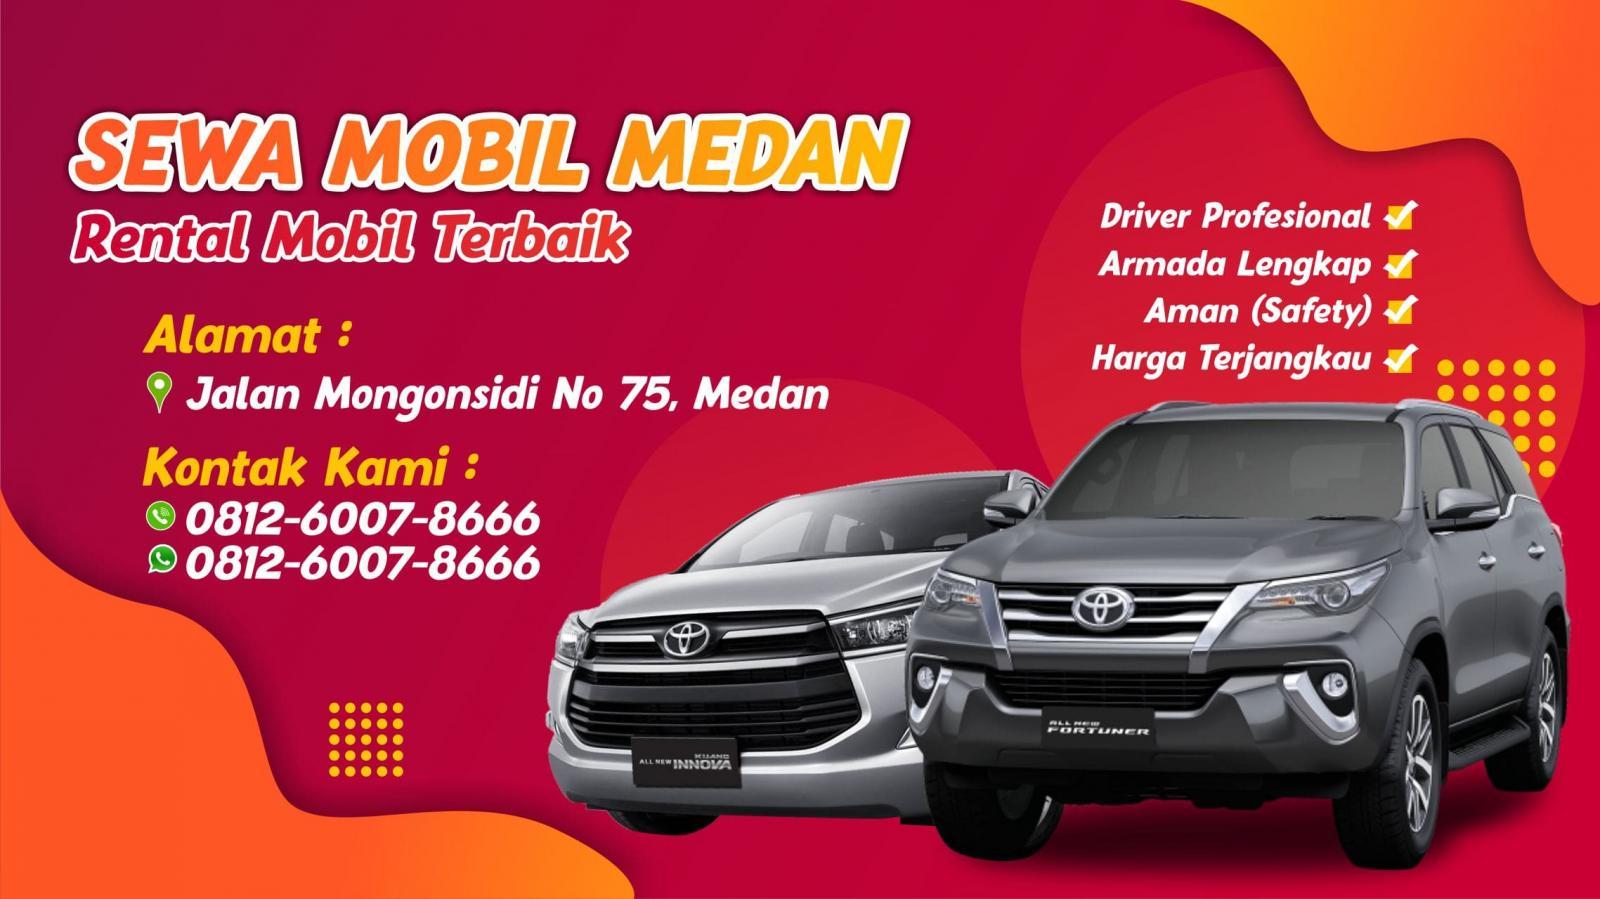 Gambar banner Sewa mobil Medan